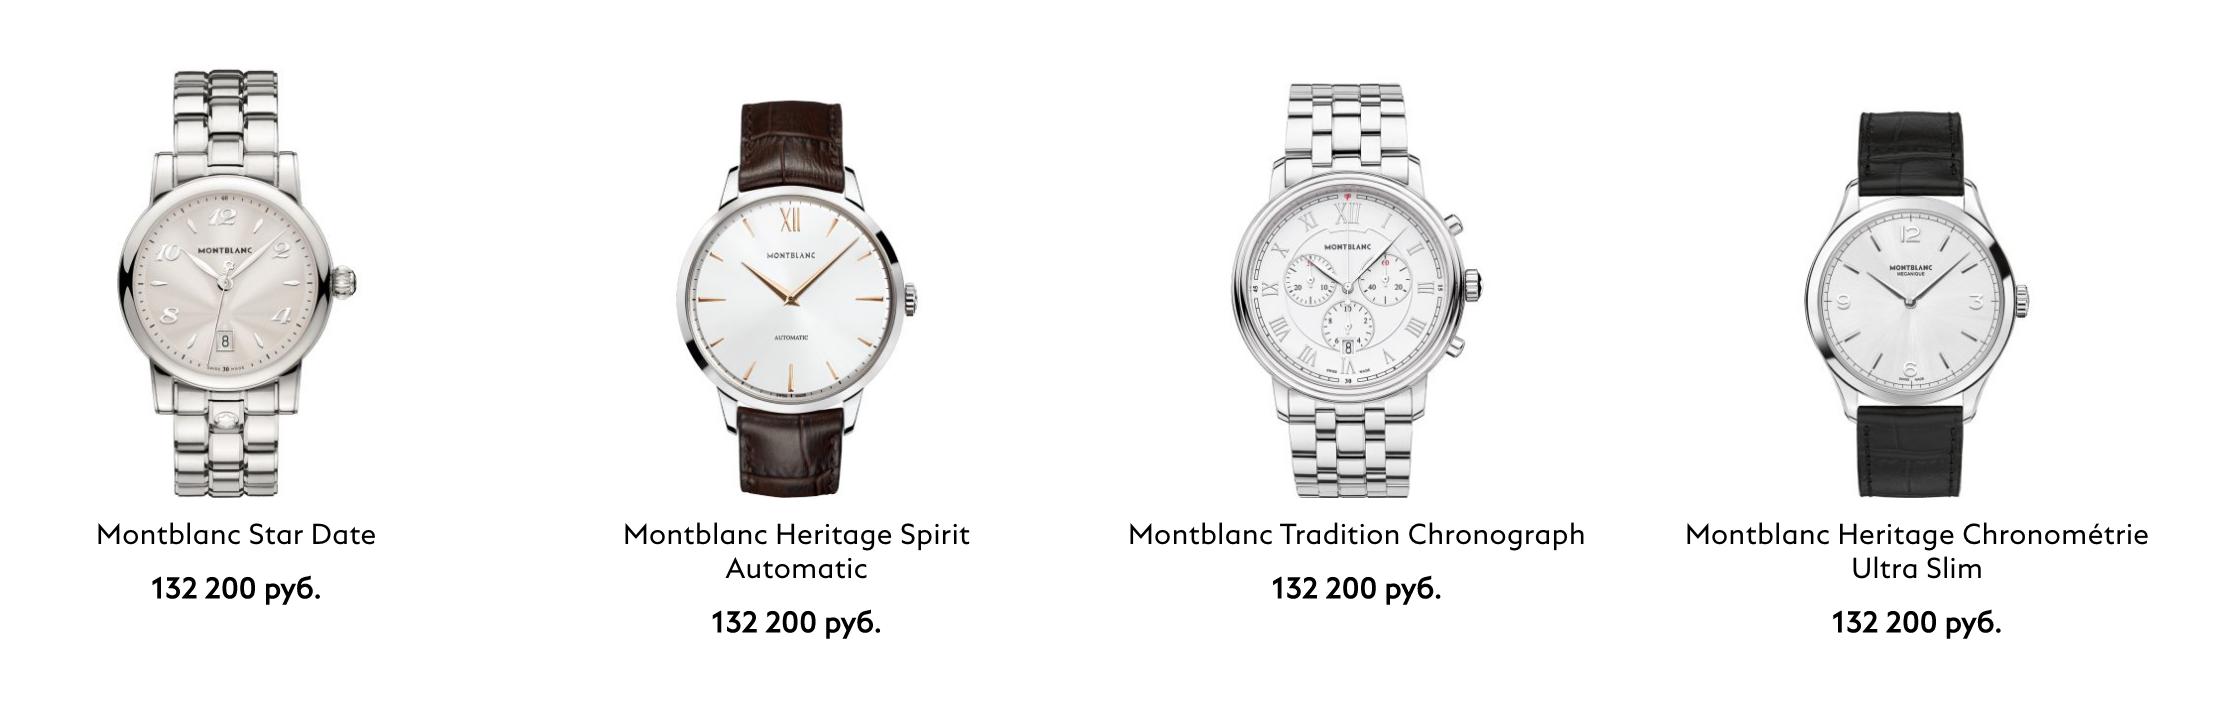 Обзор Montblanc Summit — умные часы премиум-класса с лучшей ценой в категории - 15